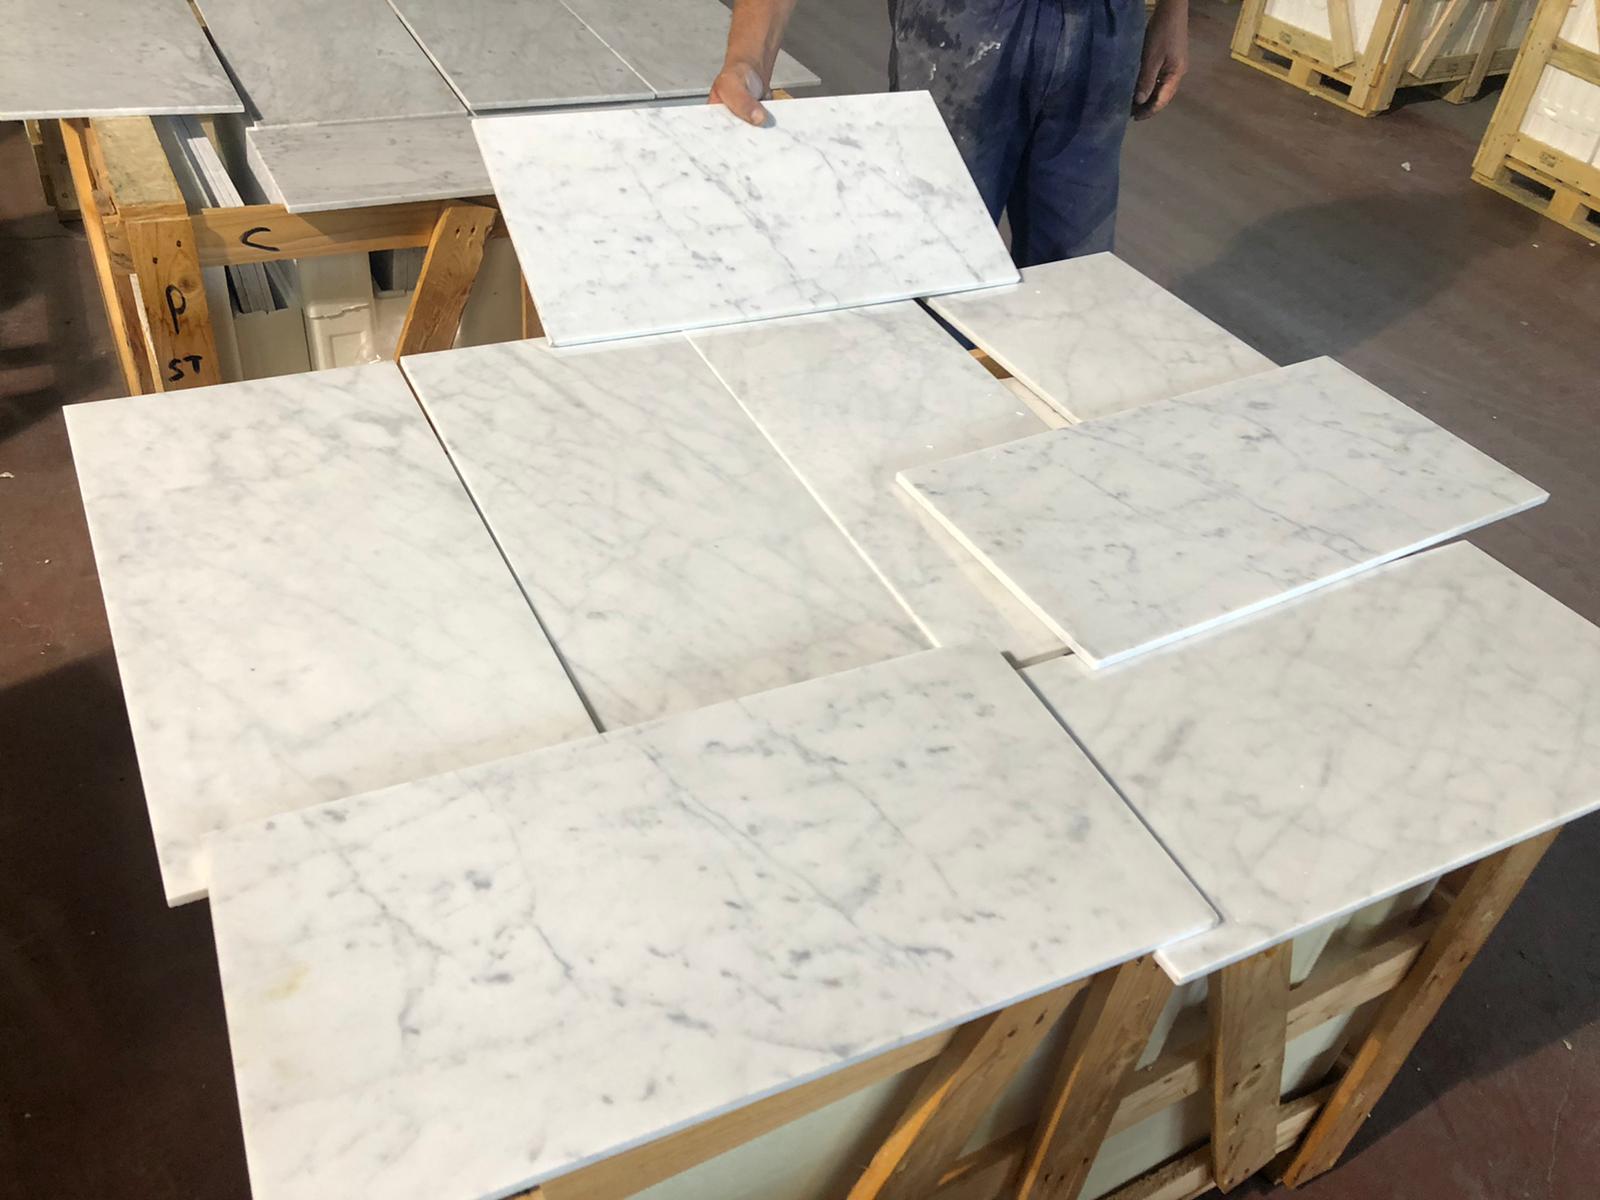 carrara marble tiles C grade